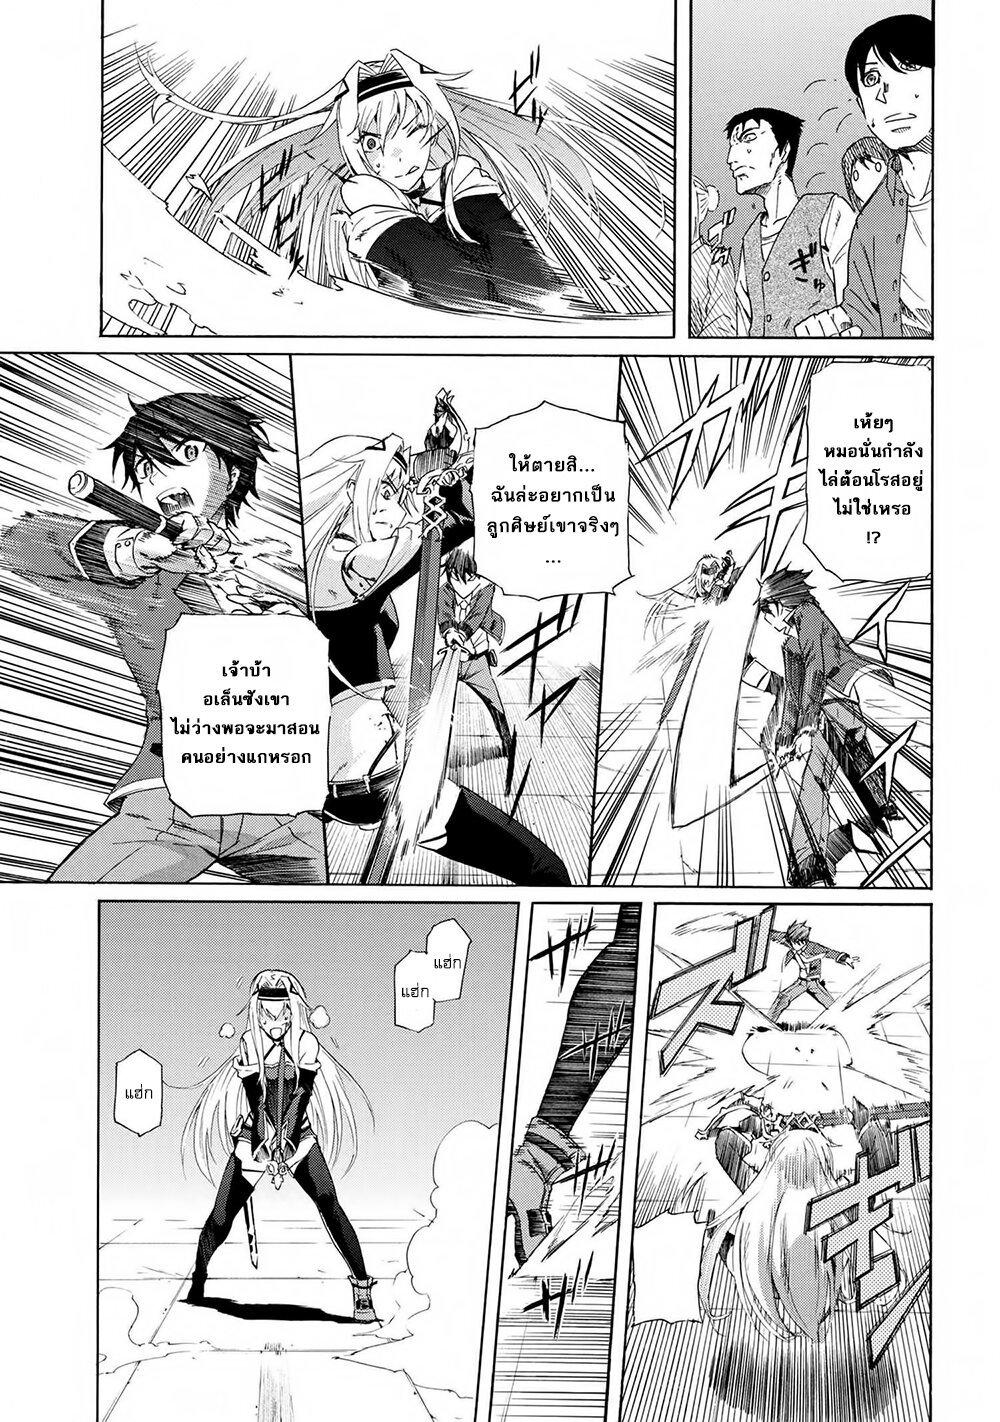 อ่านการ์ตูน Ichioku-nen Button o Renda Shita Ore wa Kizuitara Saikyou ni Natteita ตอนที่ 3 หน้าที่ 13